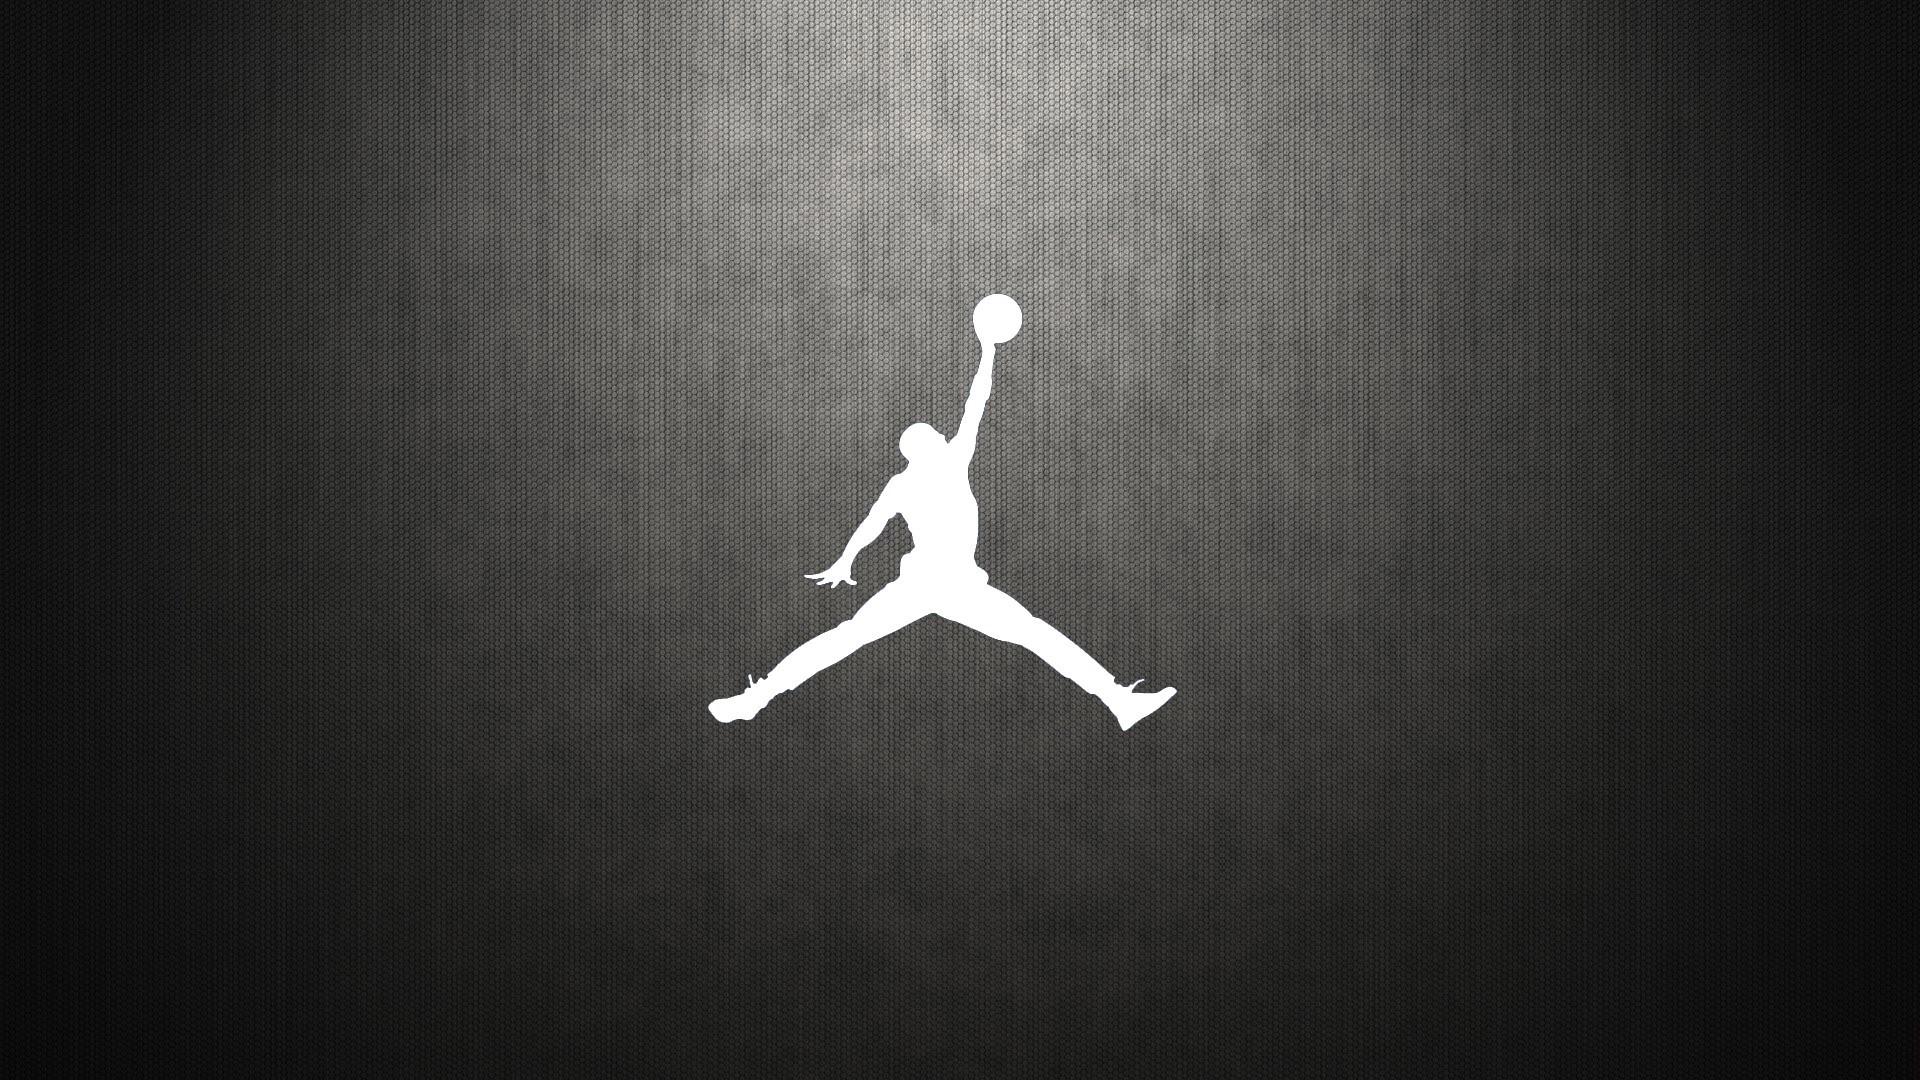 JORDAN LOGO Black White Background Jordan logo wallpapers